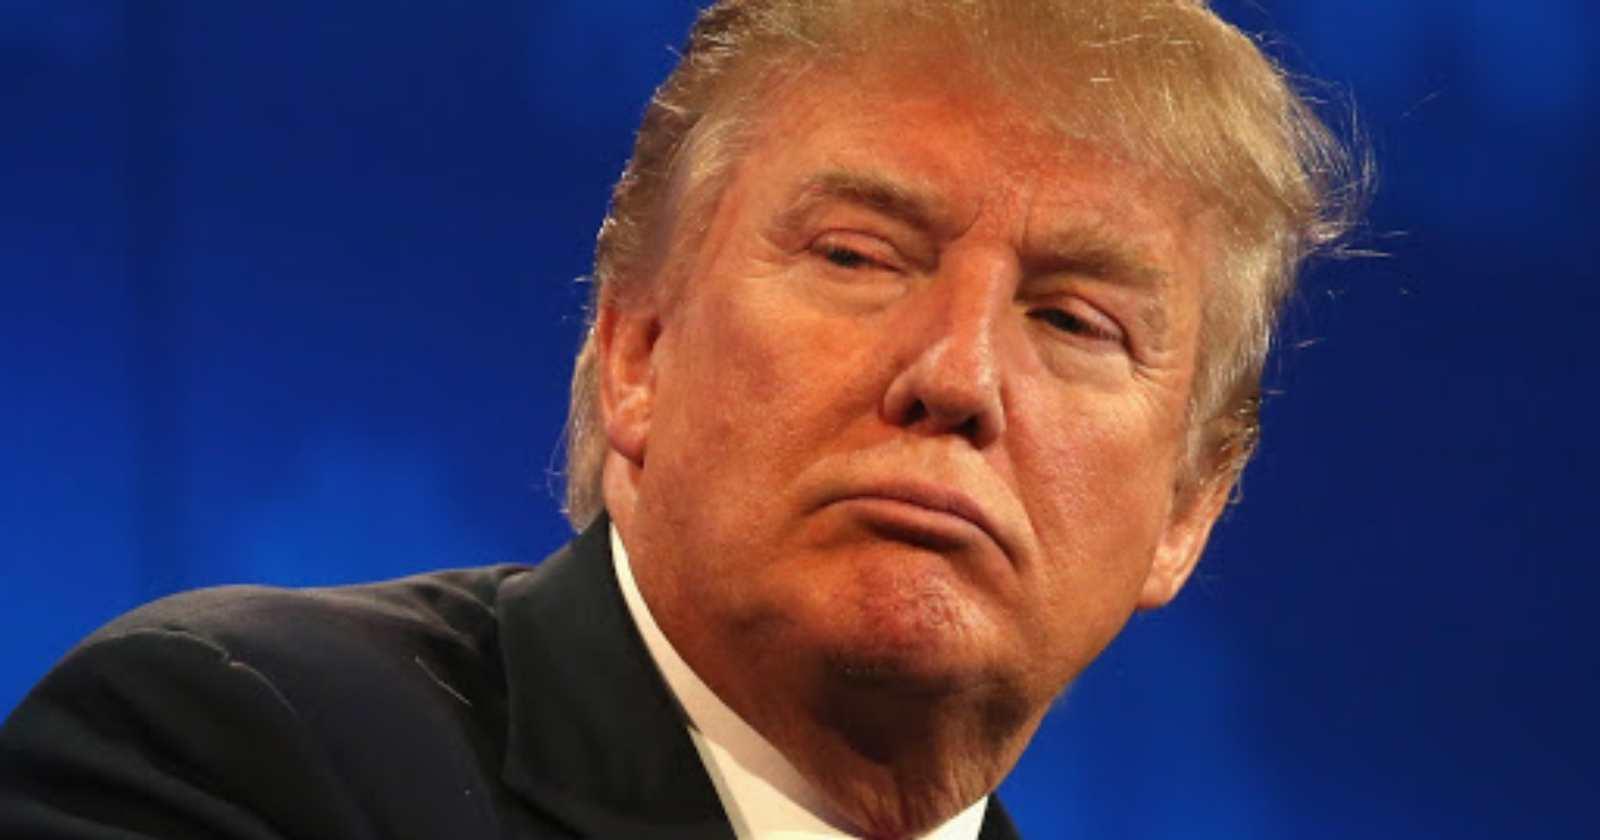 Donald Trump anuncia que prohibirá plataforma TikTok en Estados Unidos